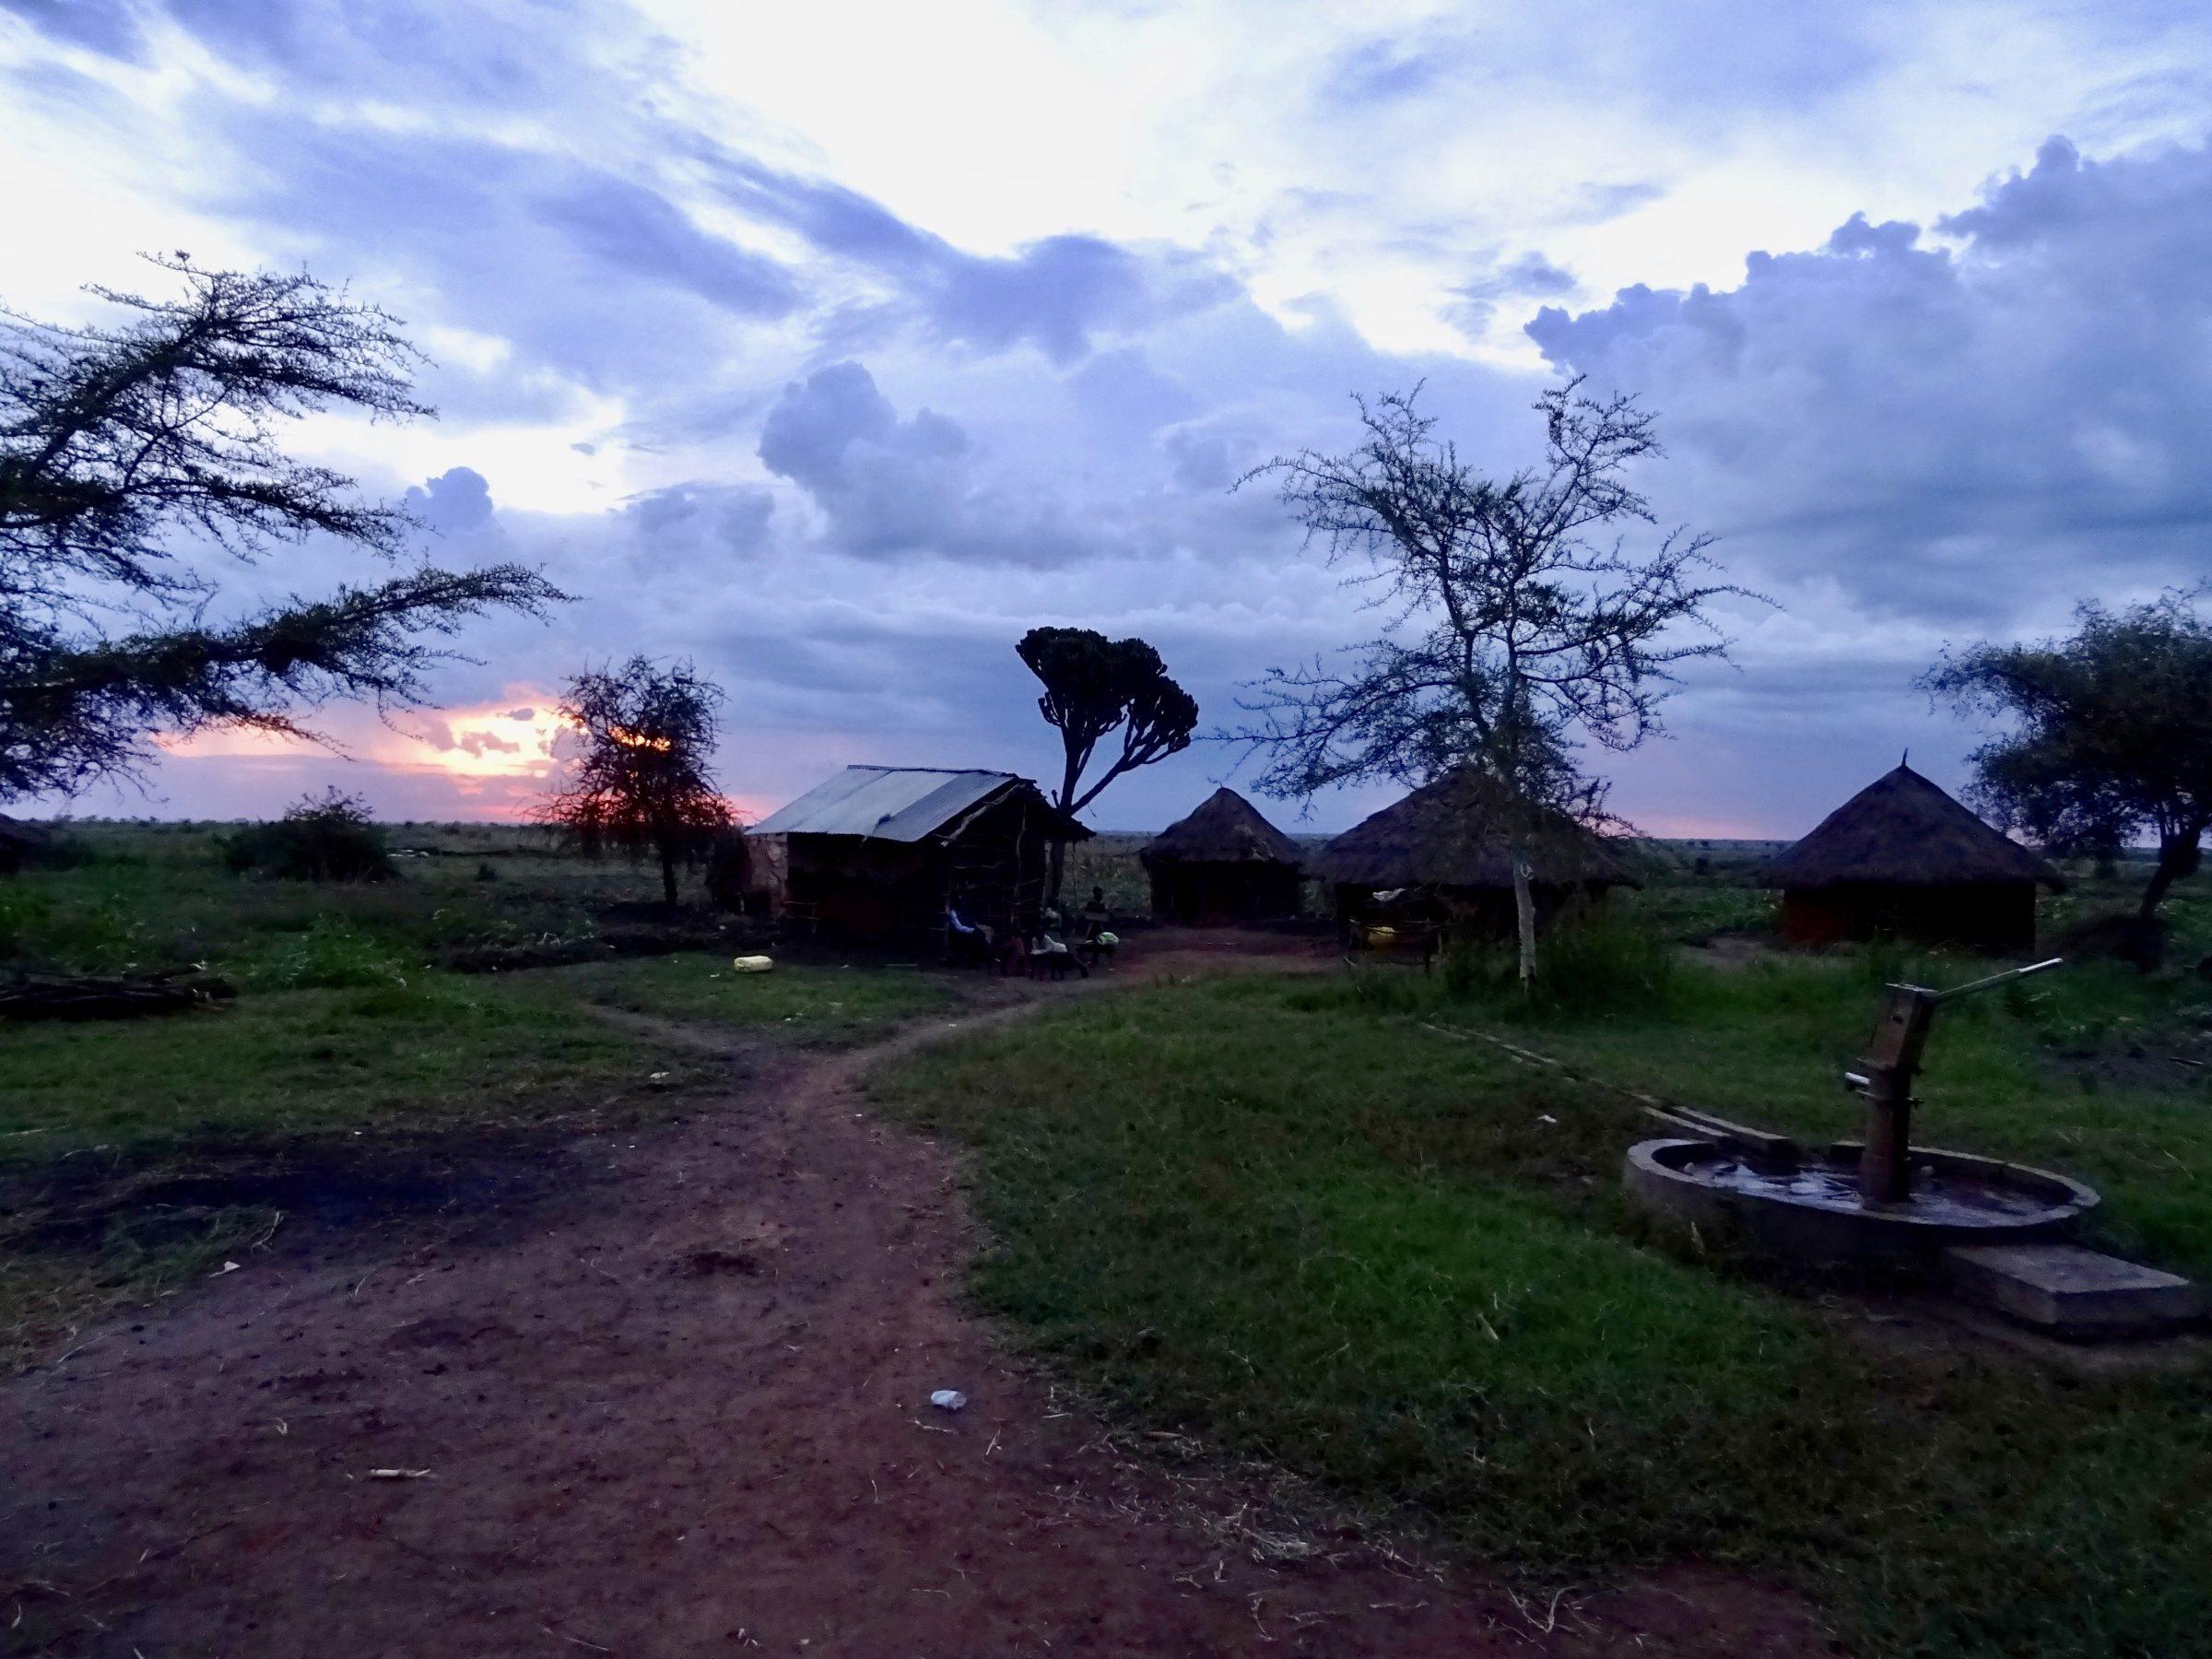 De duisternis is in aantocht nabij Cheptui